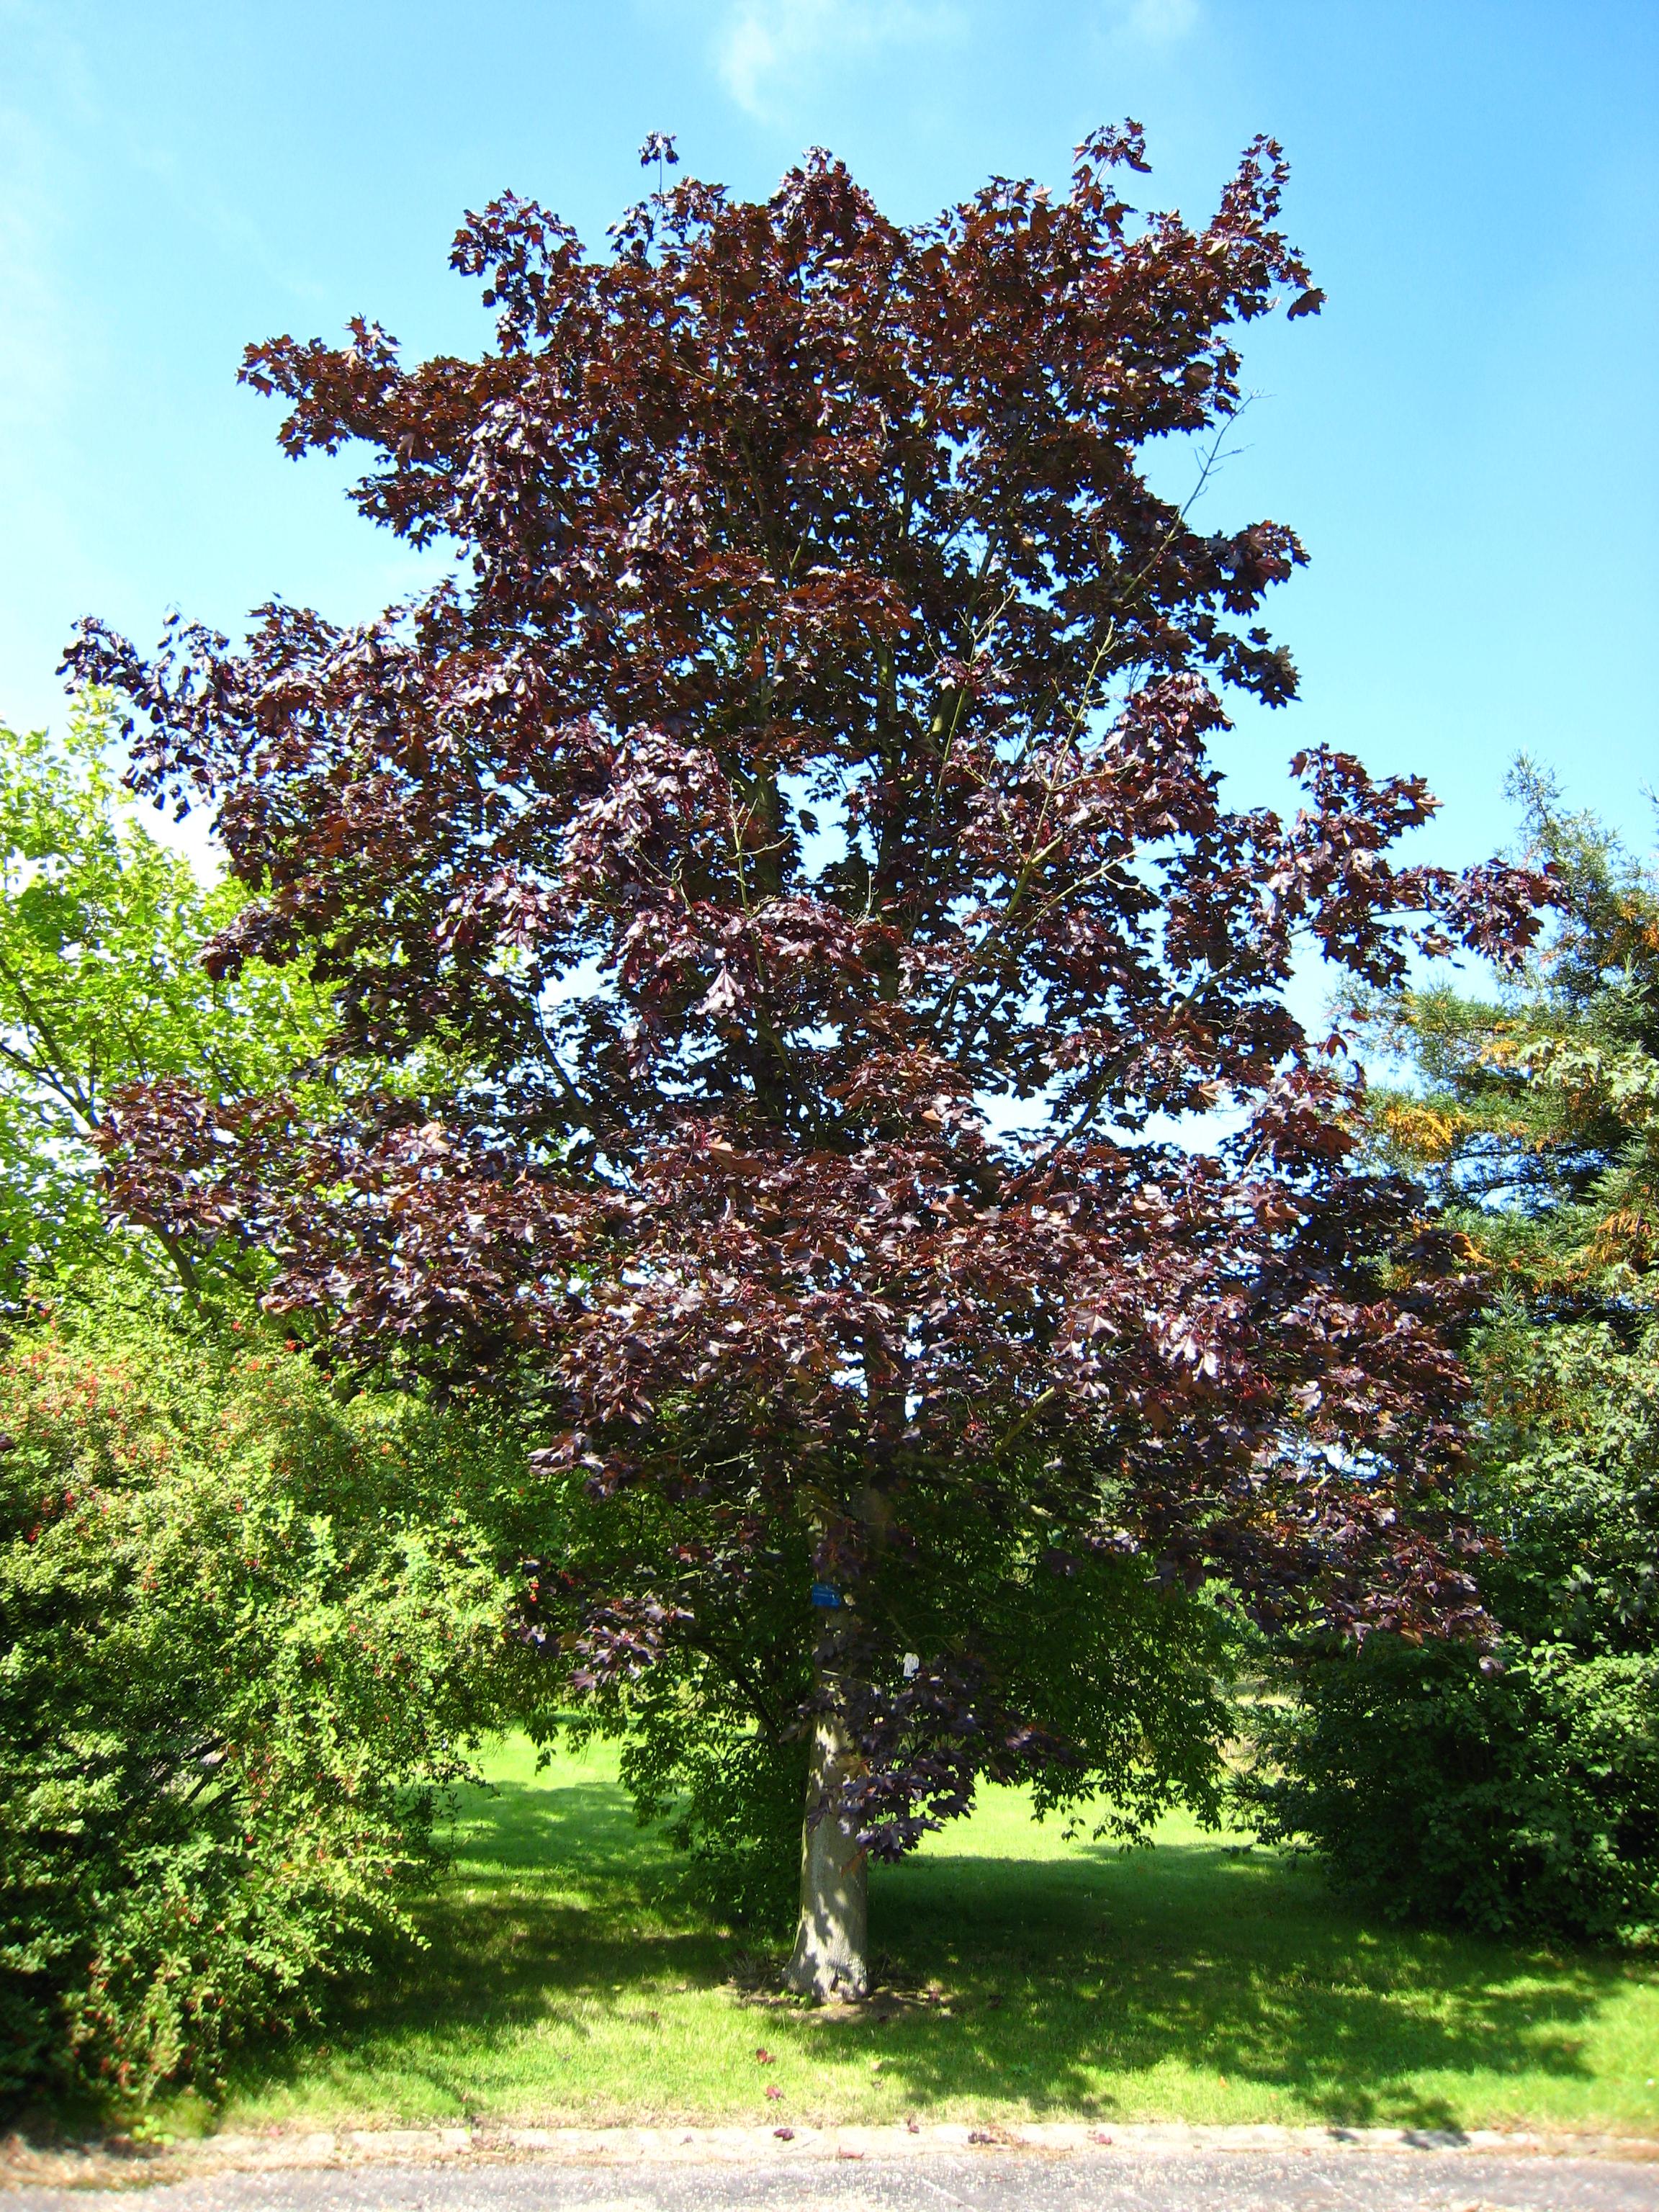 File acer platanoides 39 schwedleri 39 jpg wikimedia commons - Arce platanoide ...